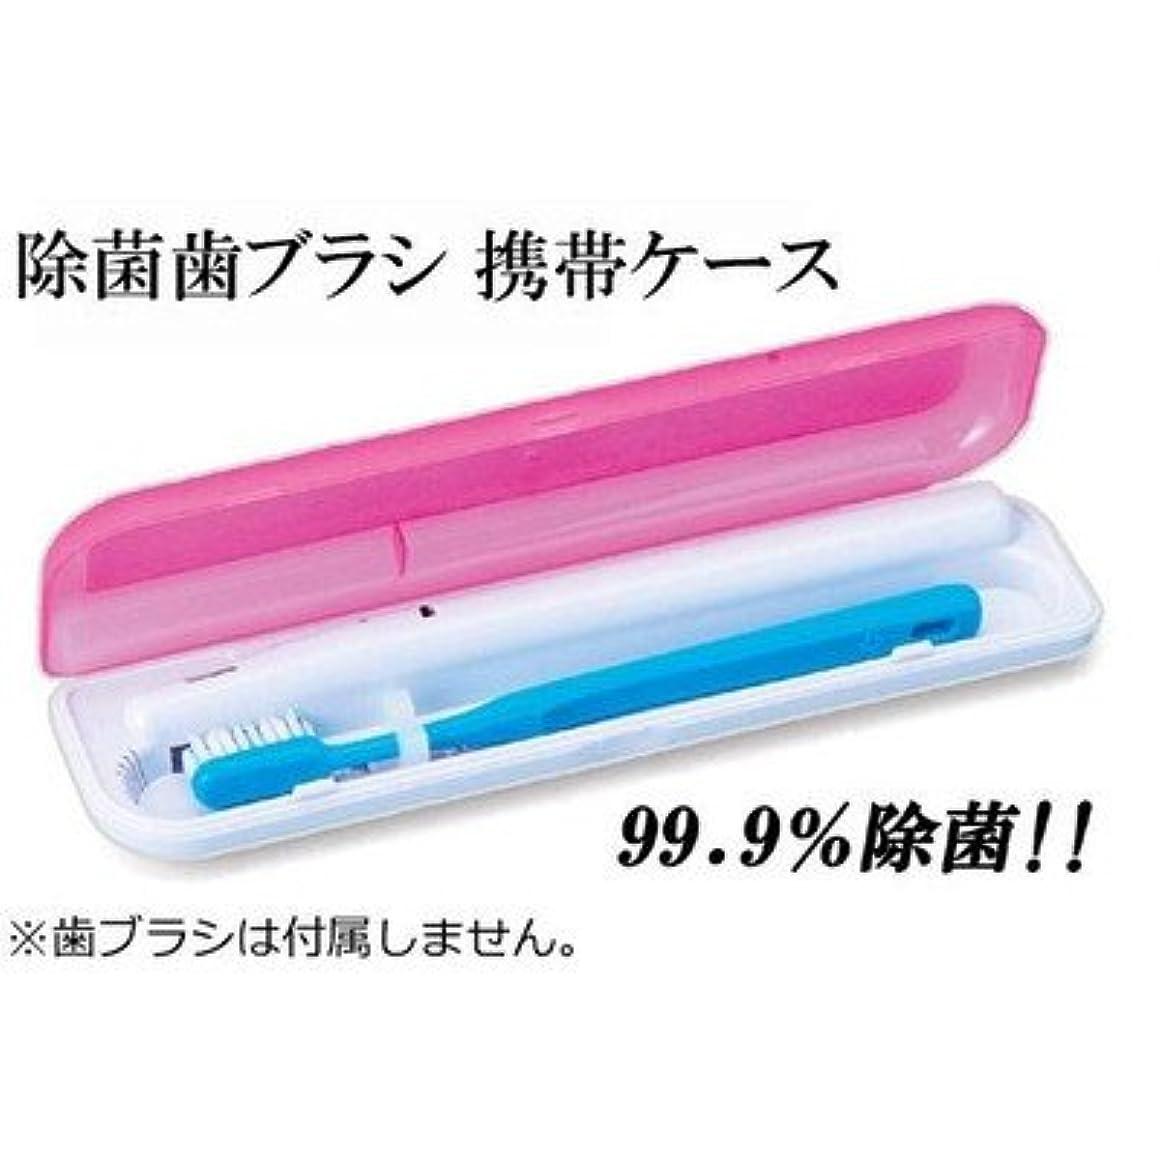 見かけ上証言早熟歯ブラシの隅々まで殺菌&除菌 除菌歯ブラシ 携帯ケース 電池式 15408